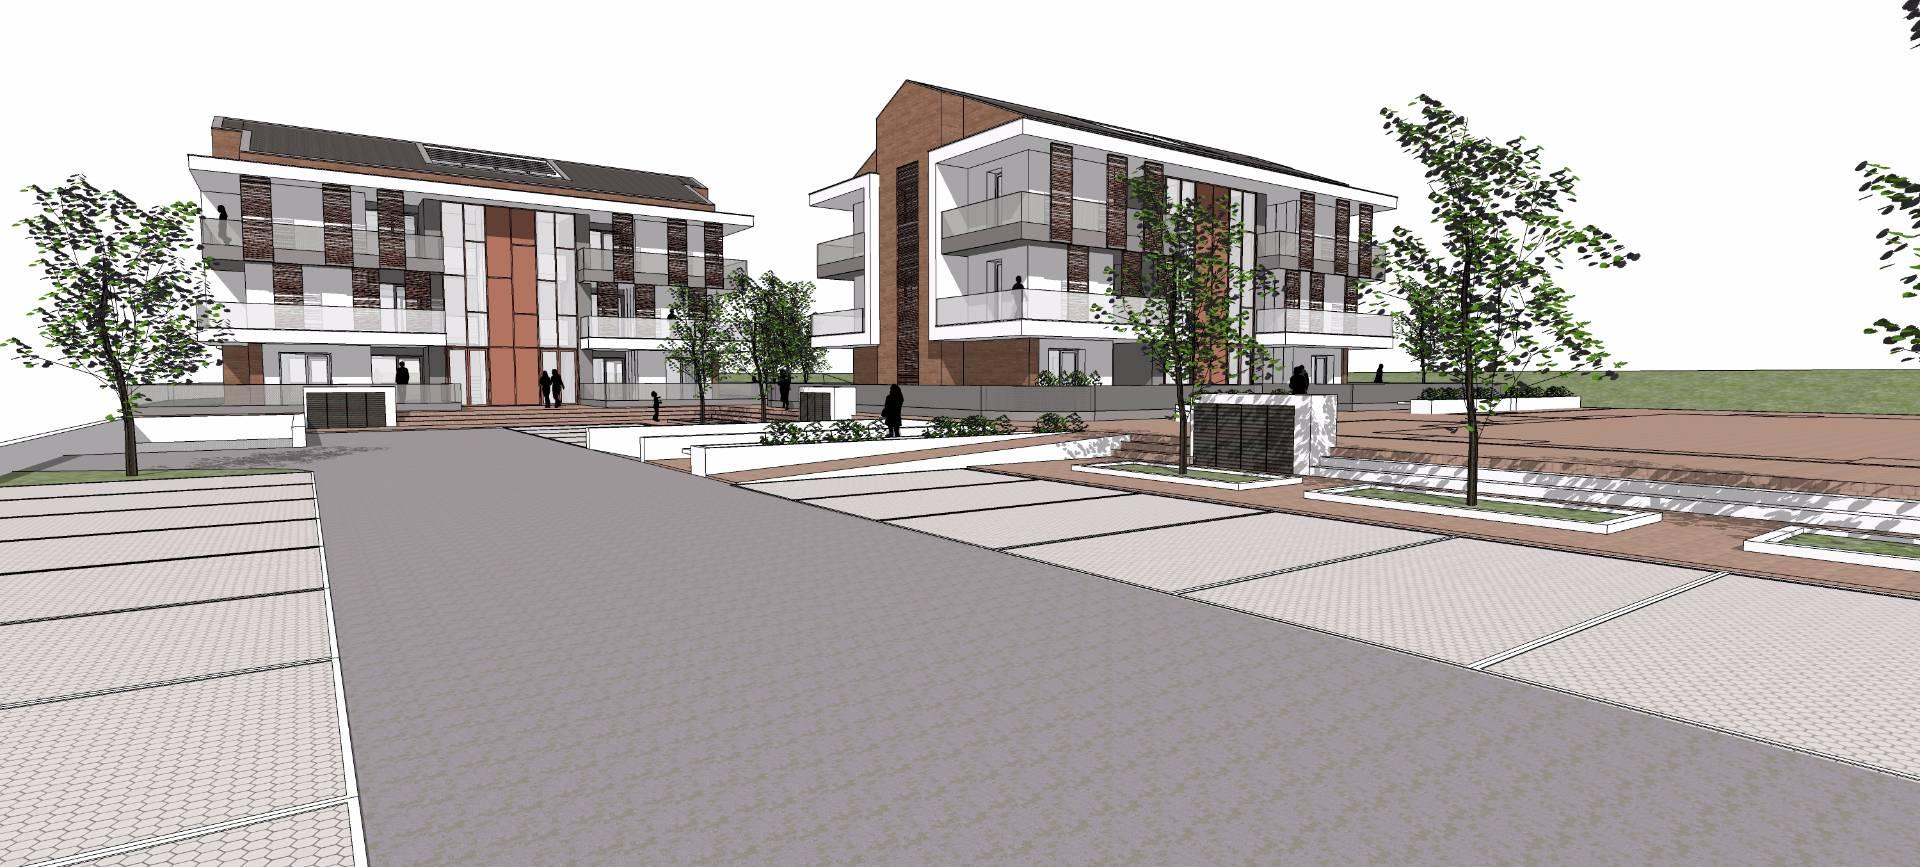 Appartamento in vendita a Cesena, 3 locali, zona Località: PonteAbbadesse, prezzo € 347.000 | CambioCasa.it